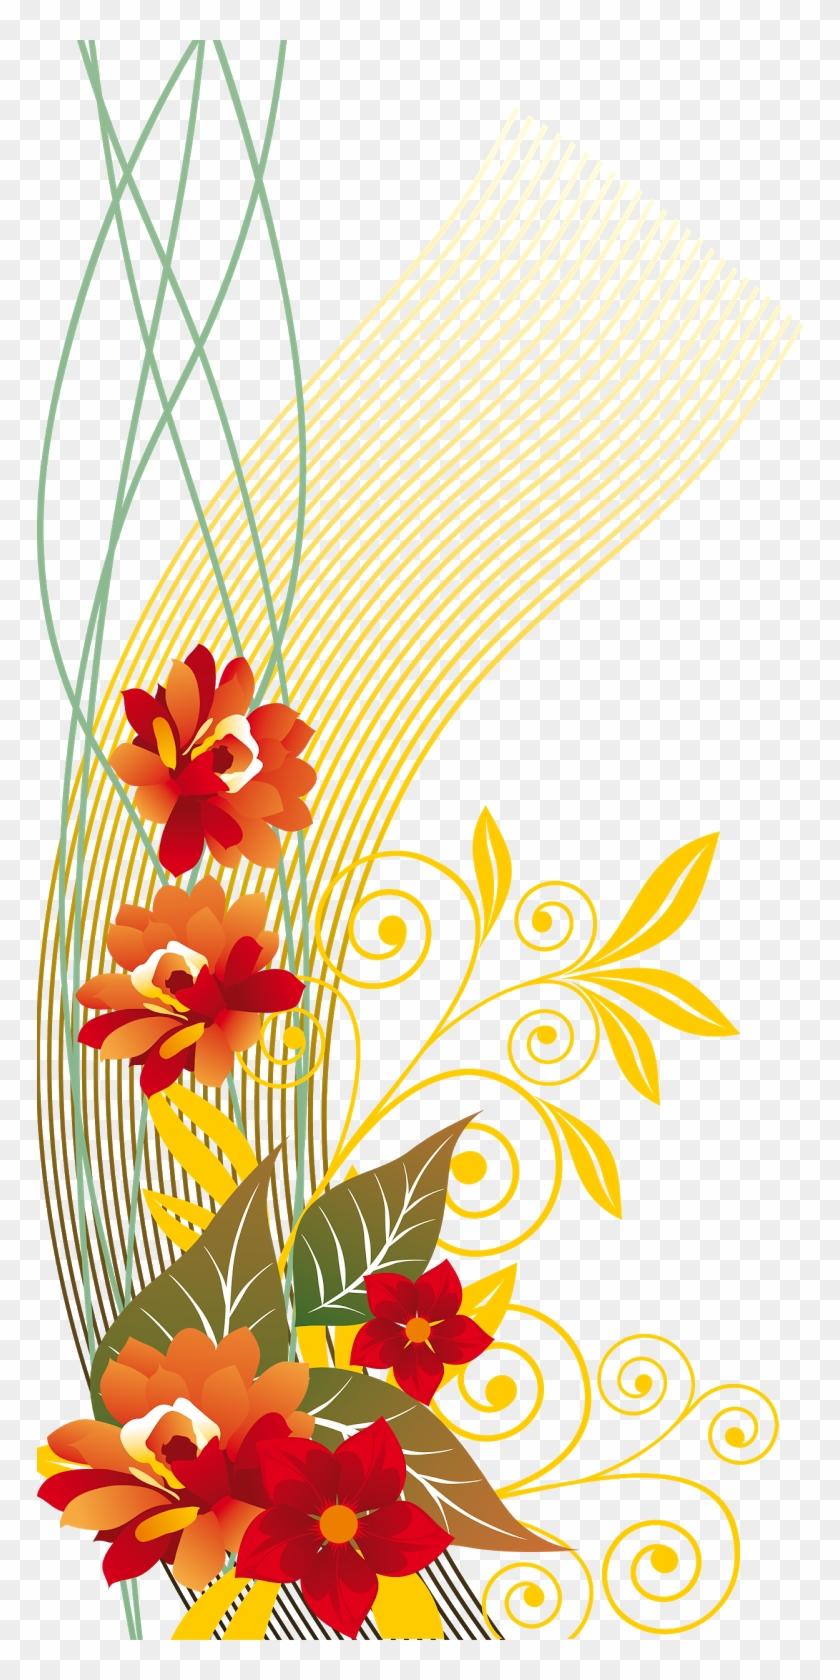 Desenho De Flores Em Png Com Fundo Transparente Business Cards